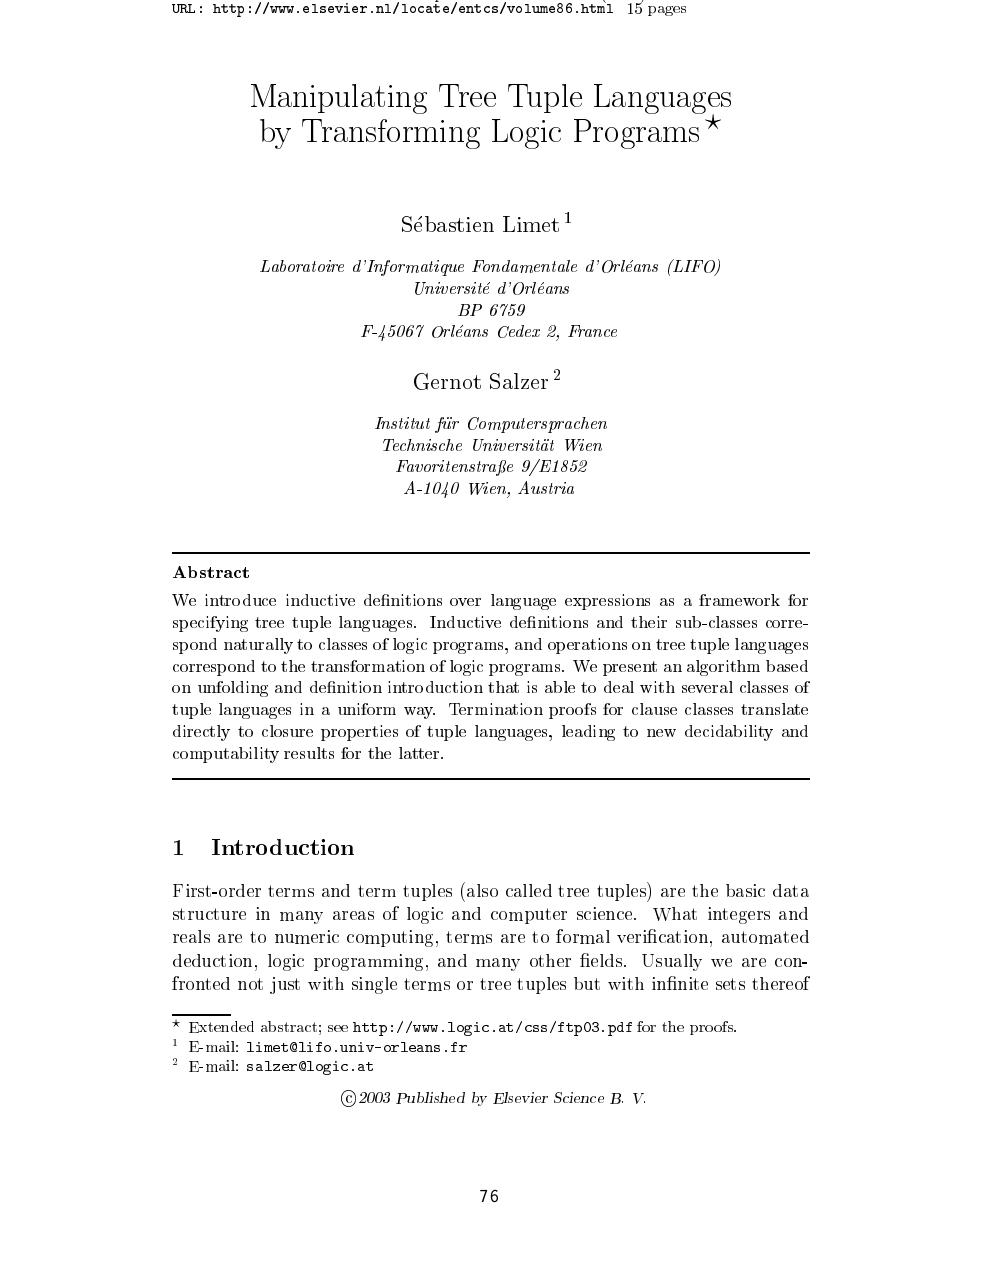 Manipulating Tree Tuple Languages by Transforming Logic Programs1